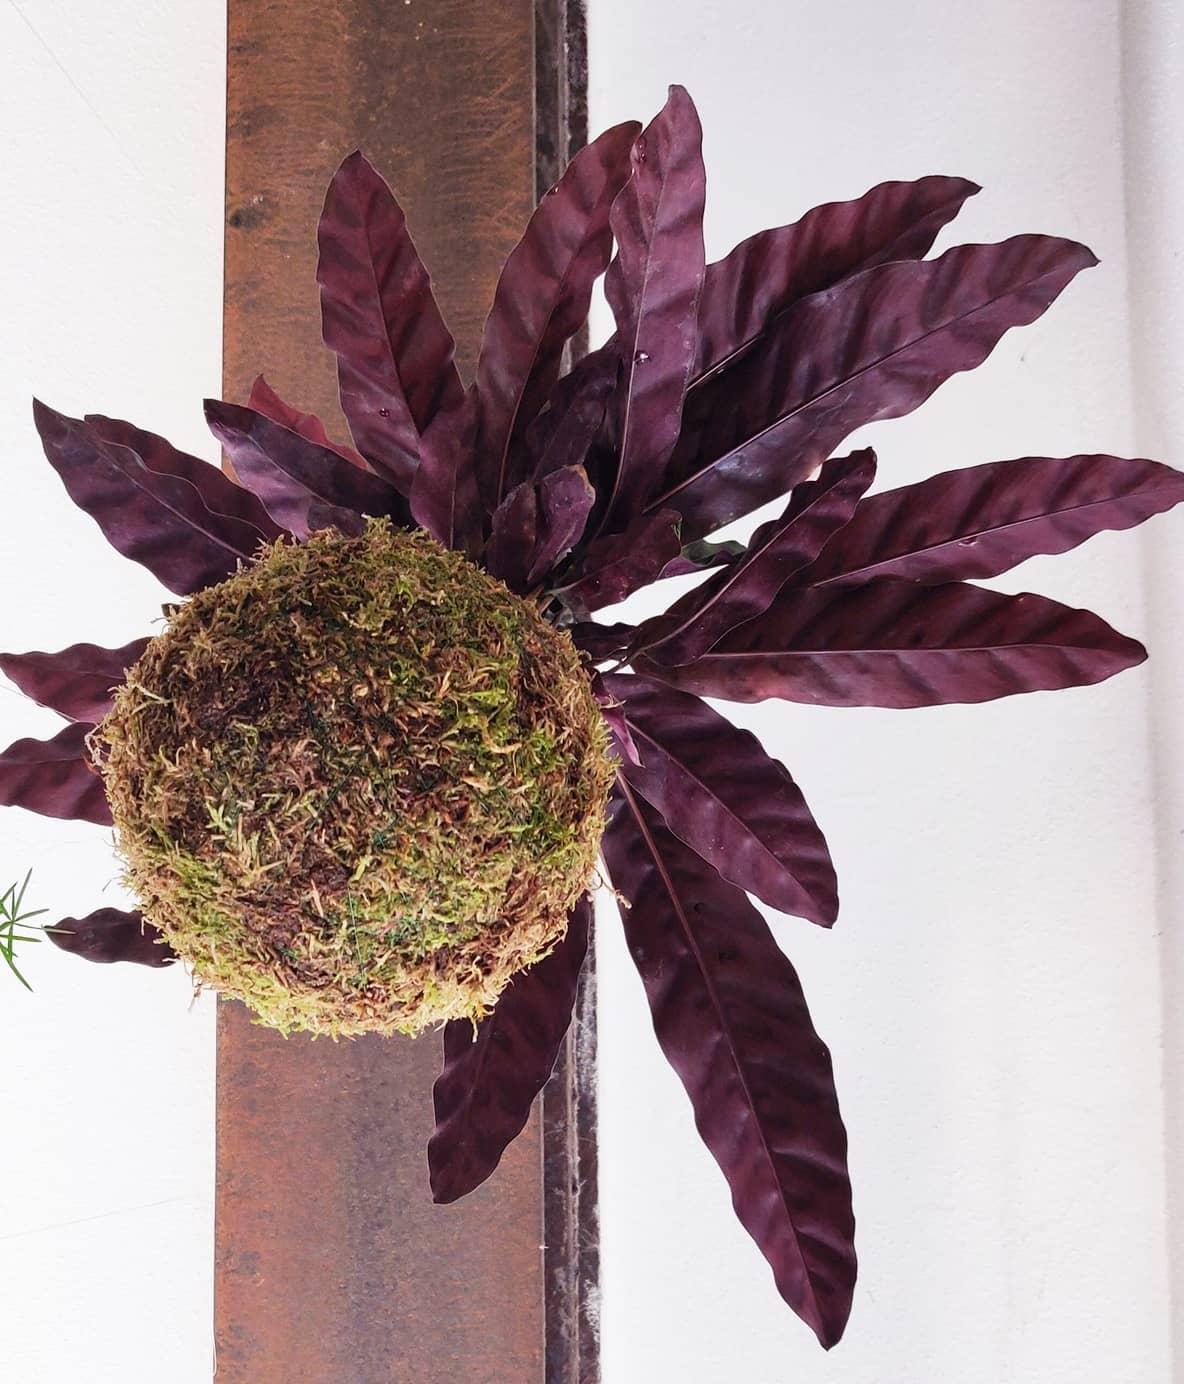 Calathea lancifoglia. Le sue foglie maculate si presentano increspate ai bordi e la colorazione è di verde chiaro nella pagina superiore, mentre in quella inferiore è violacea.